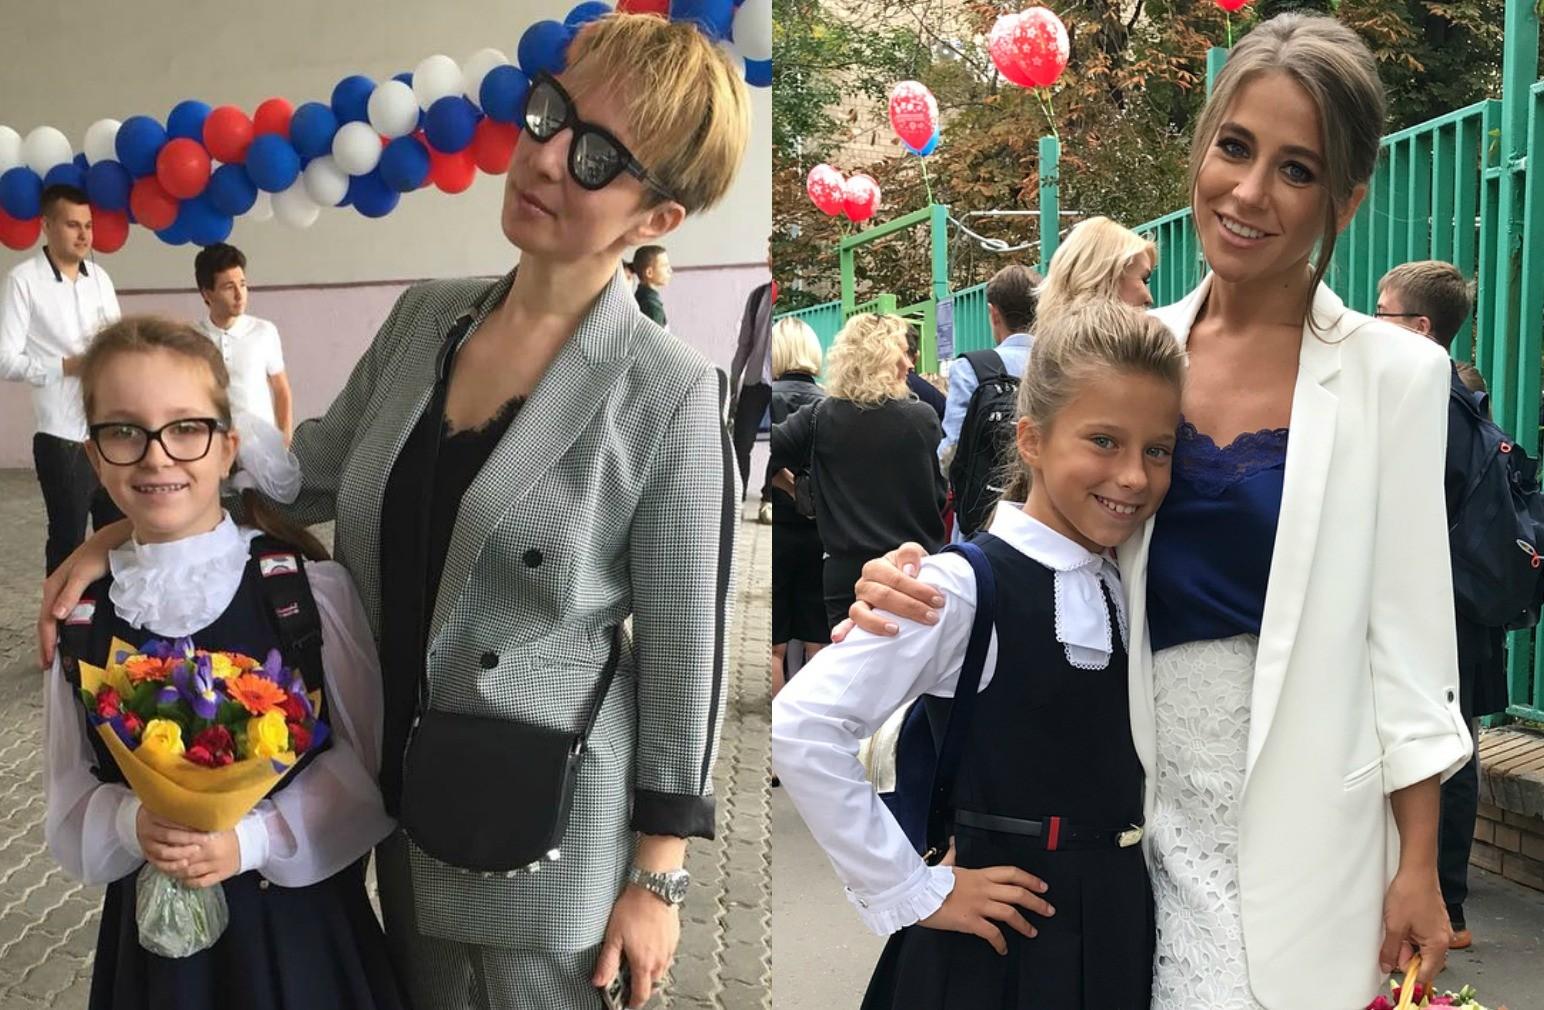 Яна Чурикова, Юлия Барановская и другие звезды отвели детей в школу